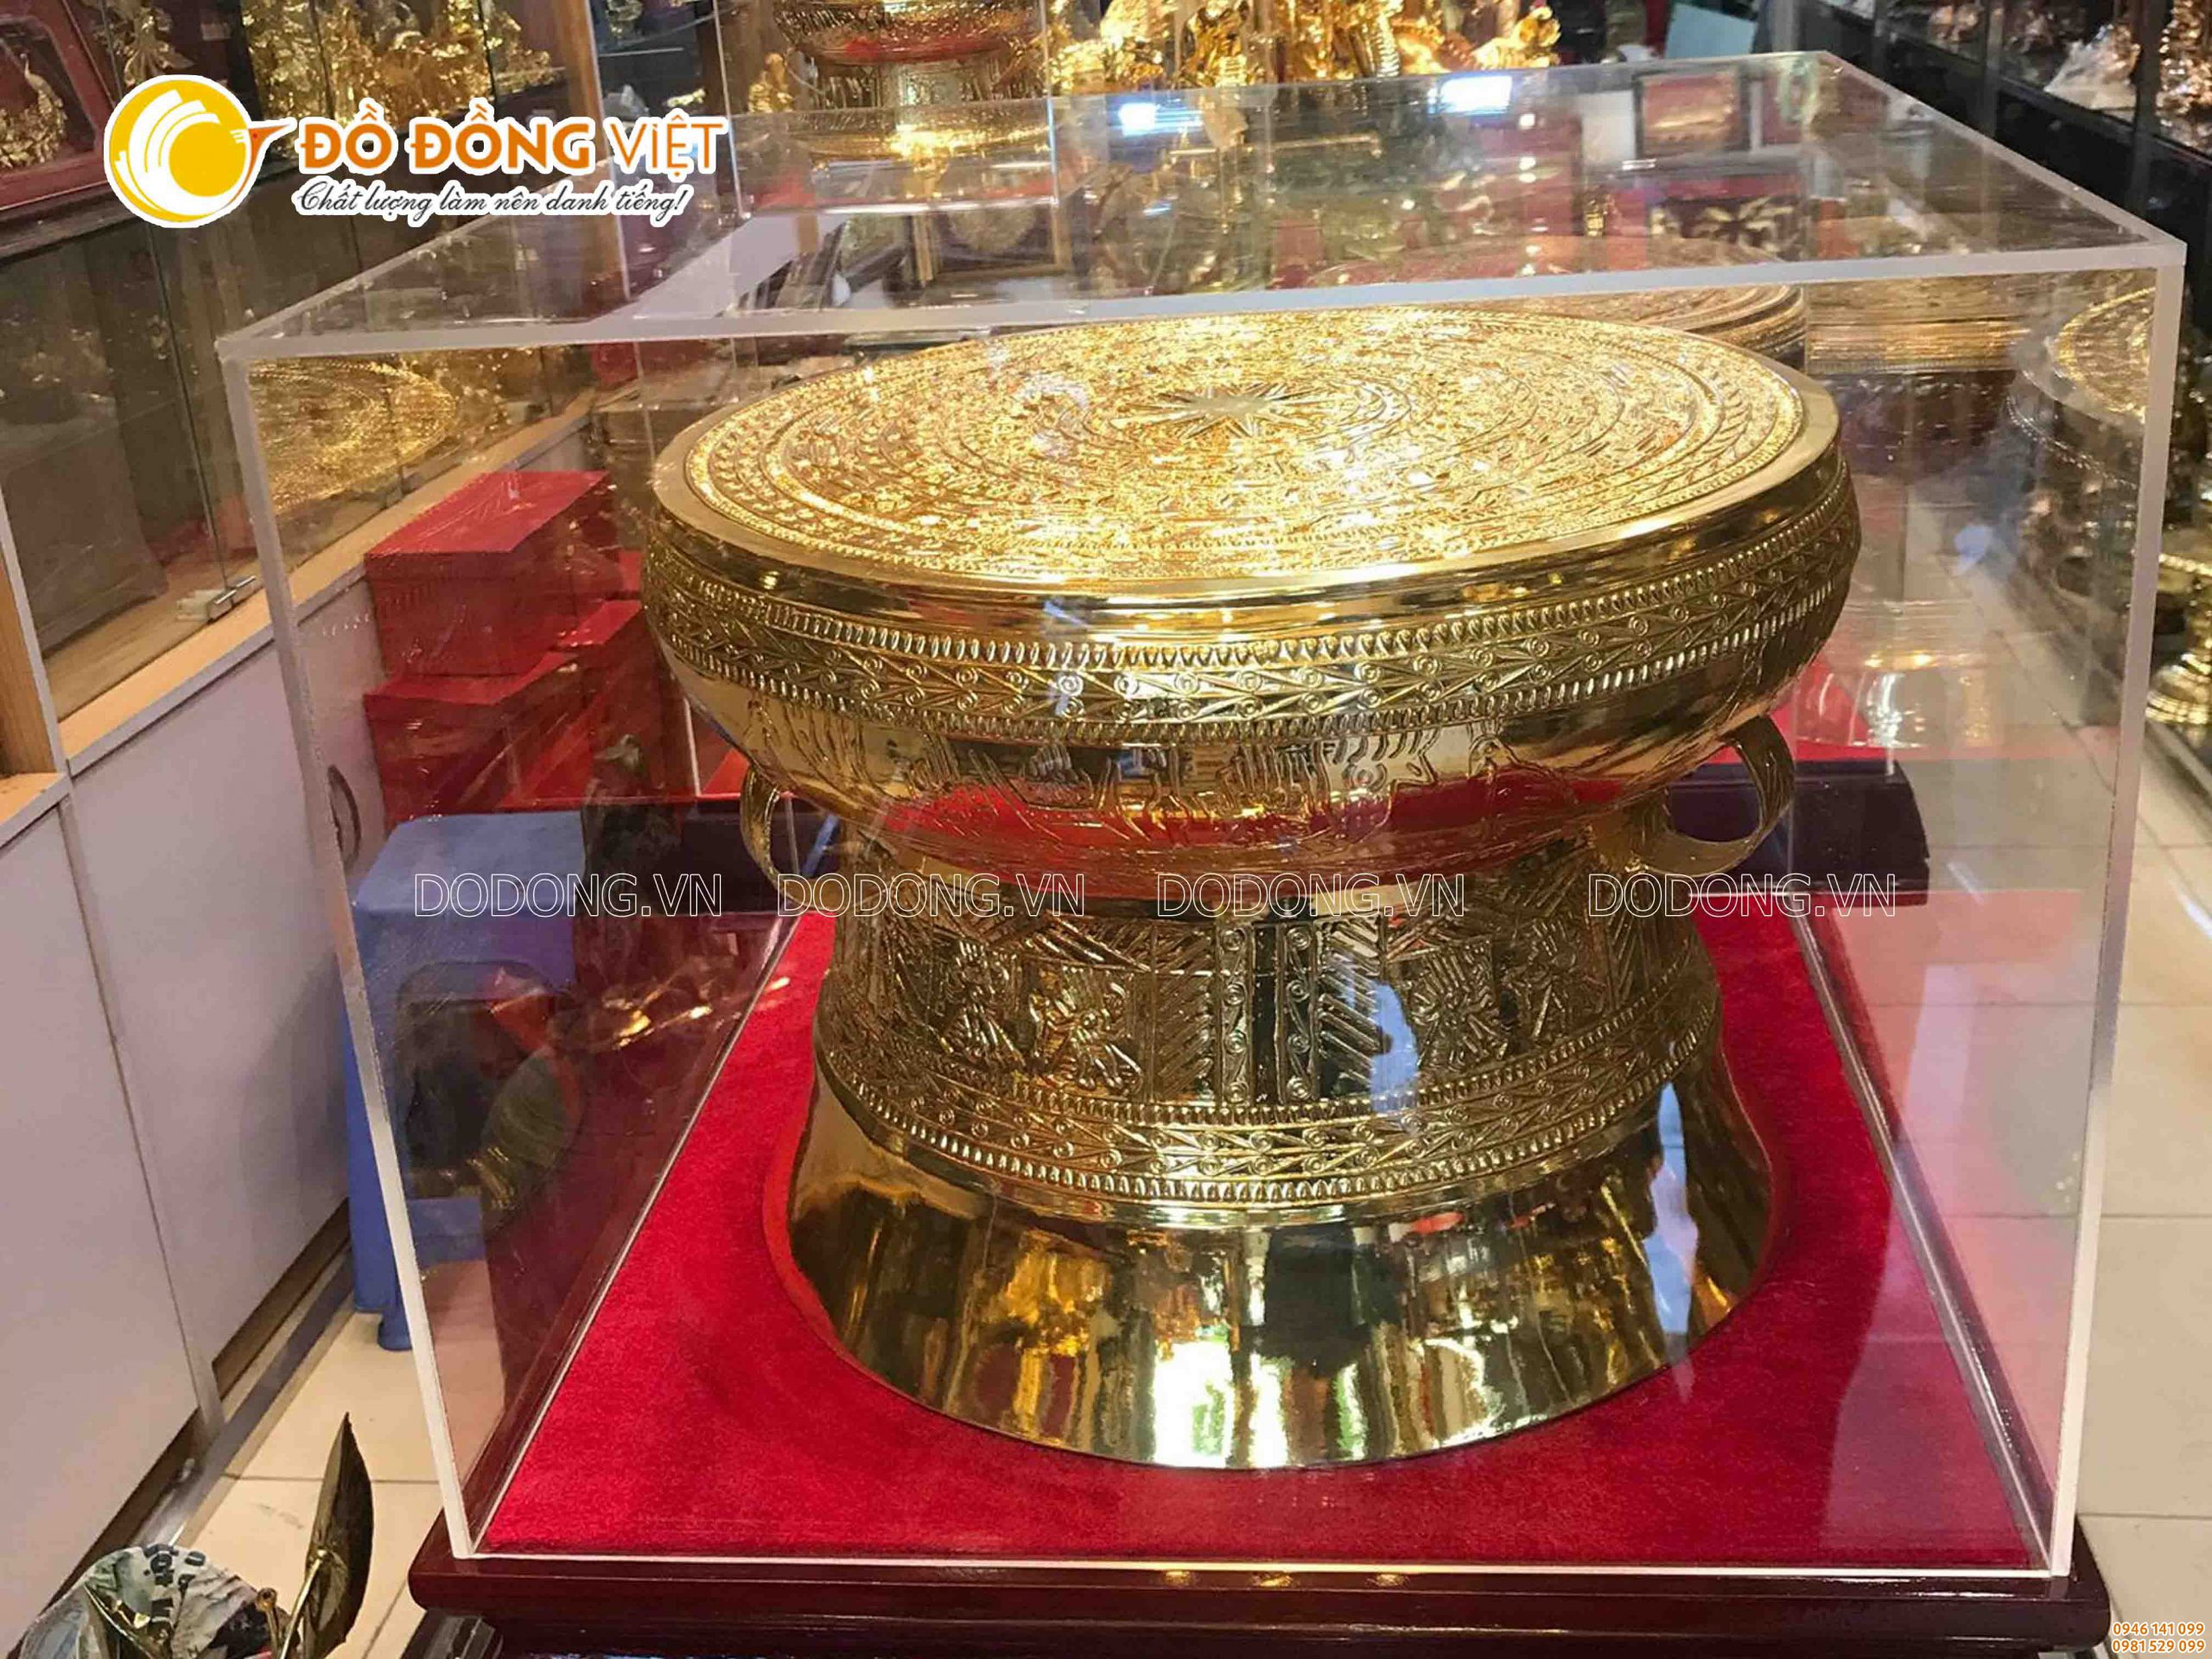 Trống đồng mạ vàng DK 45 cm